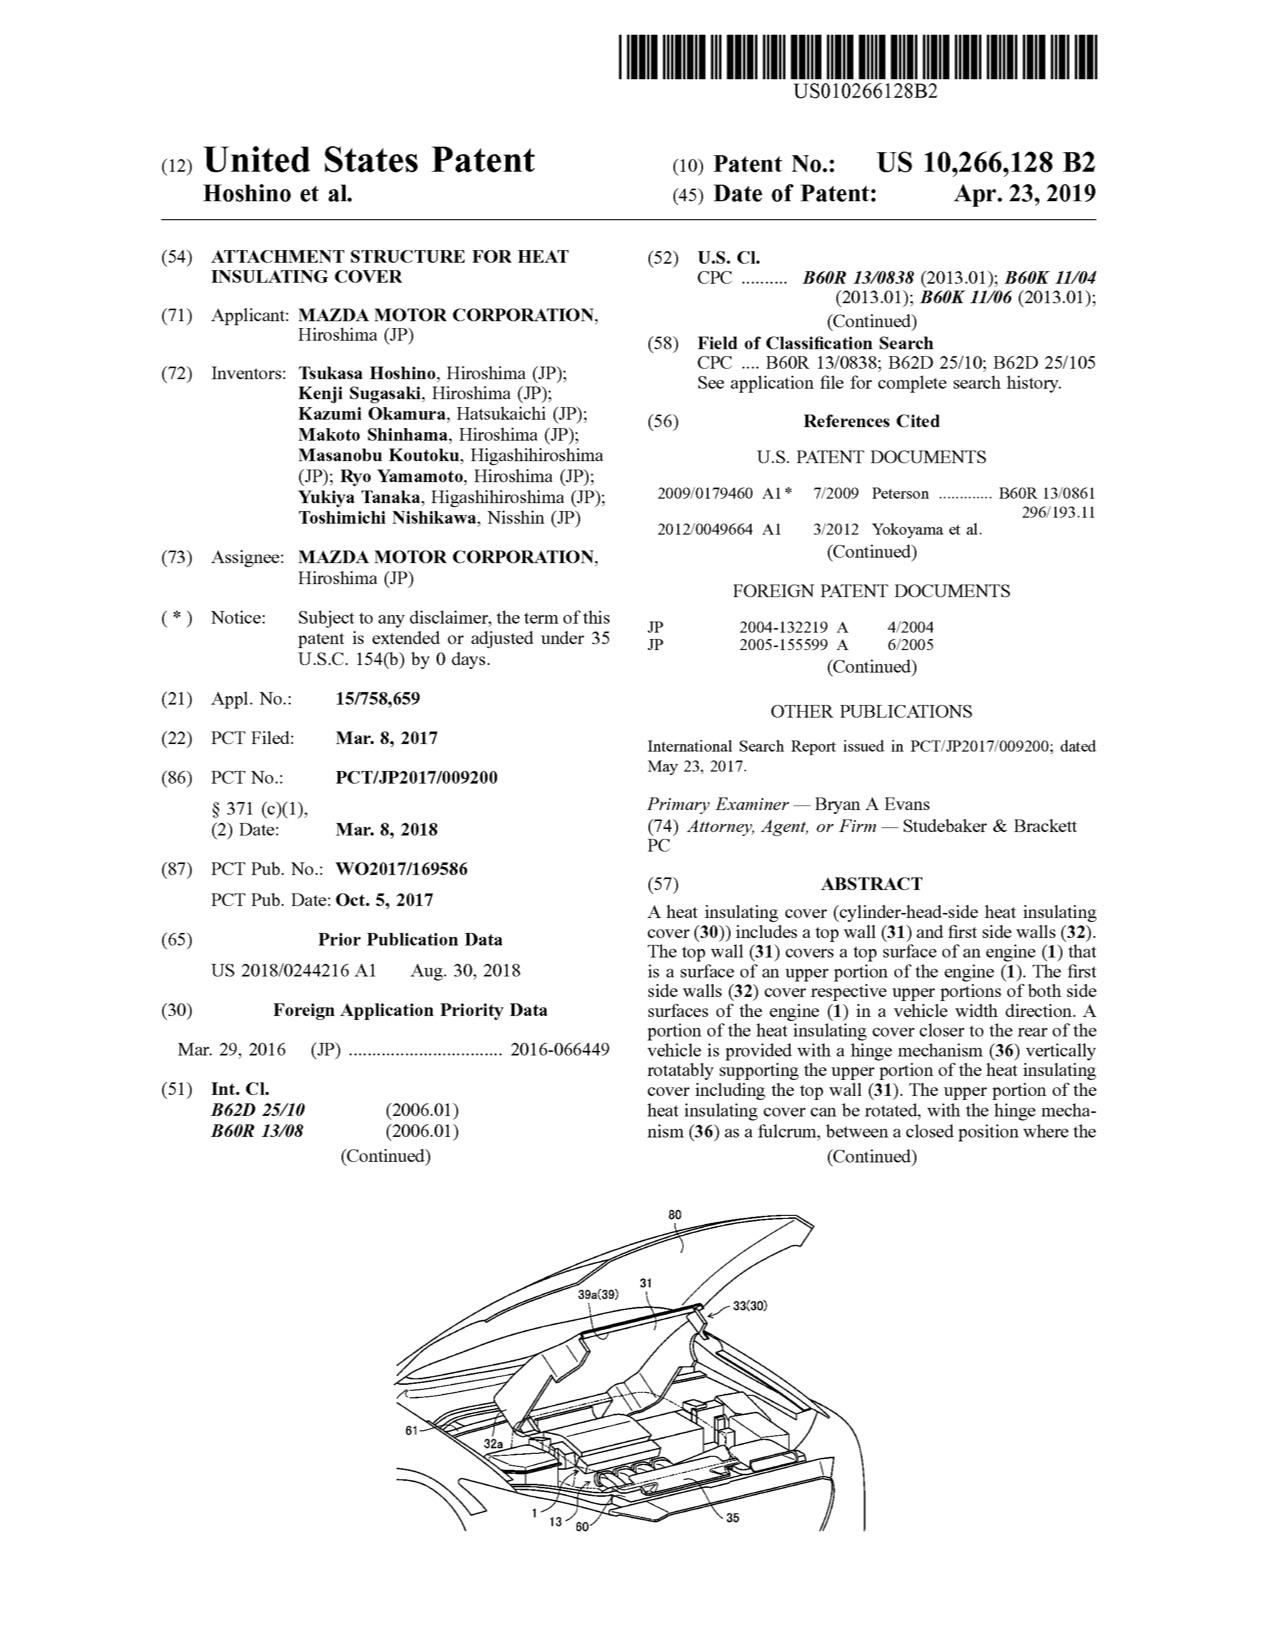 マツダ、米国でエンジンの保温カバーに関する特許を出願